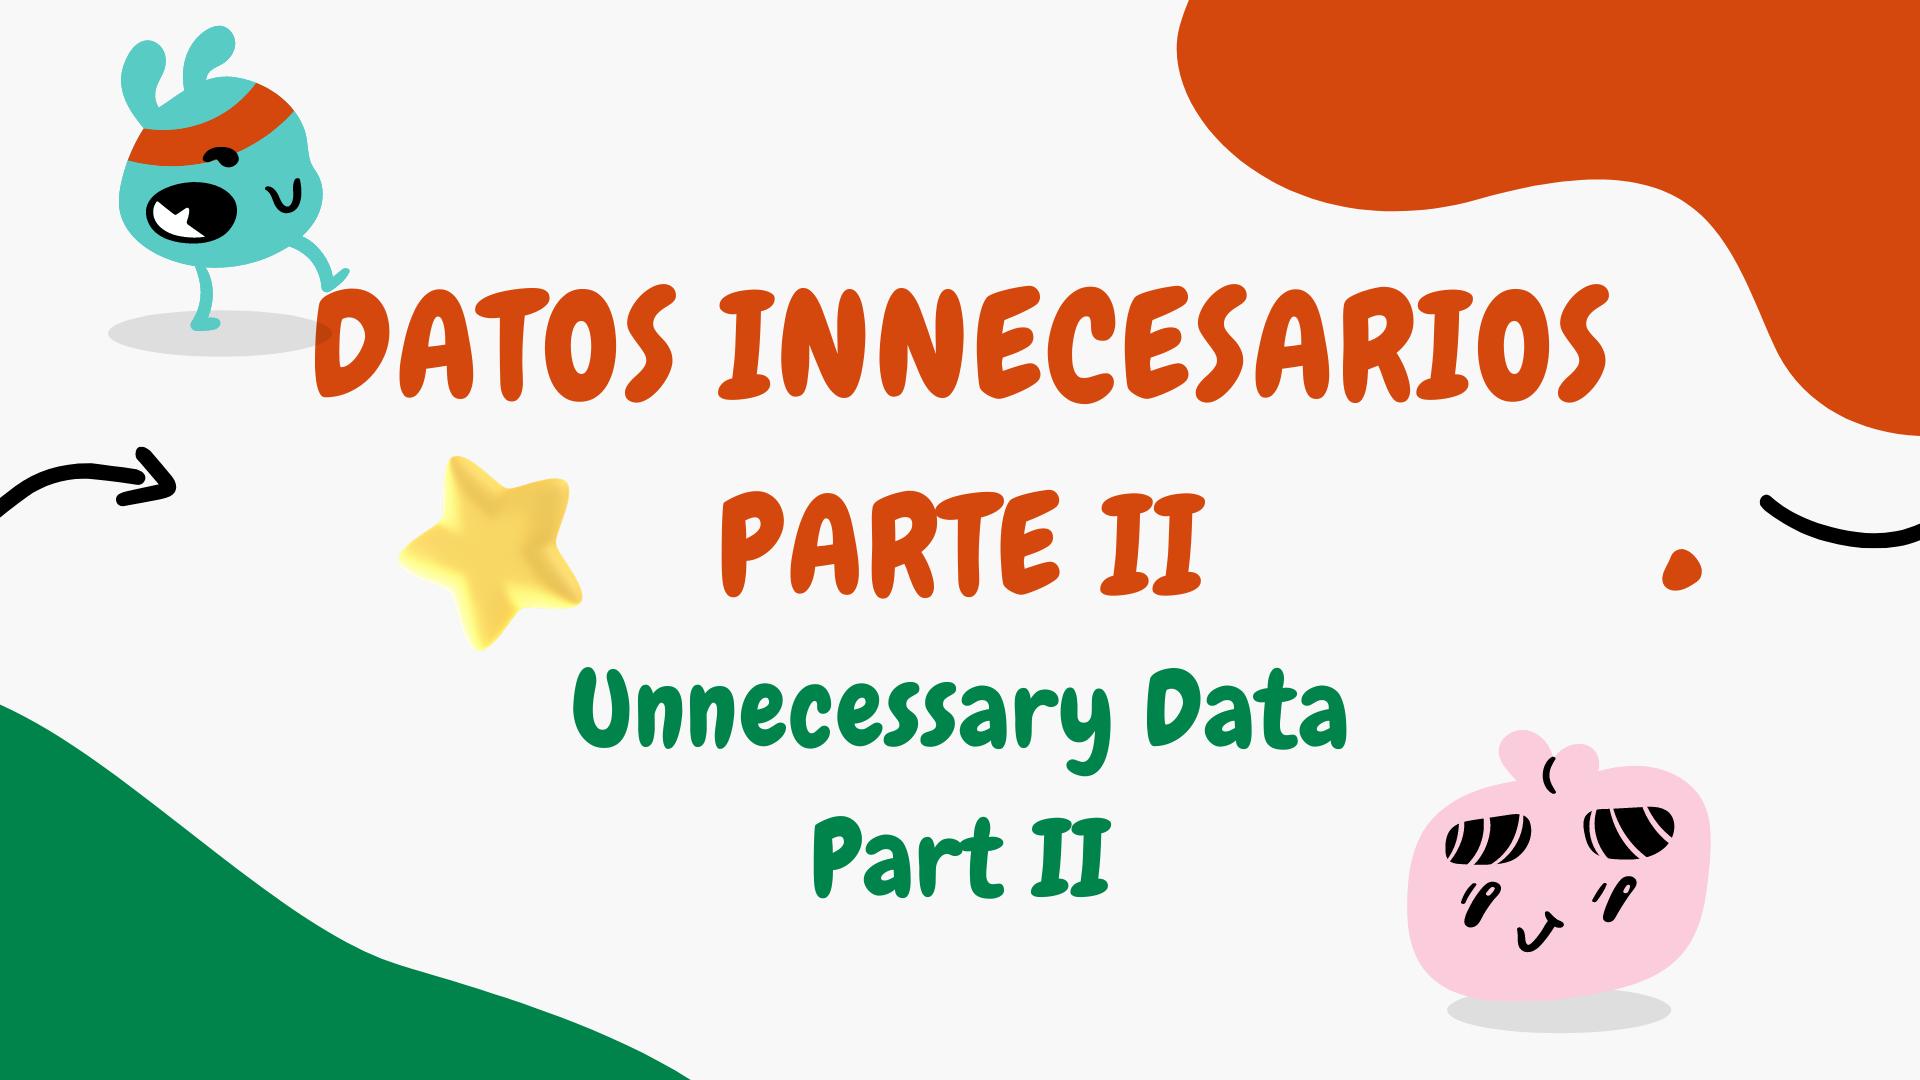 Datos innecesarios Parte II.png